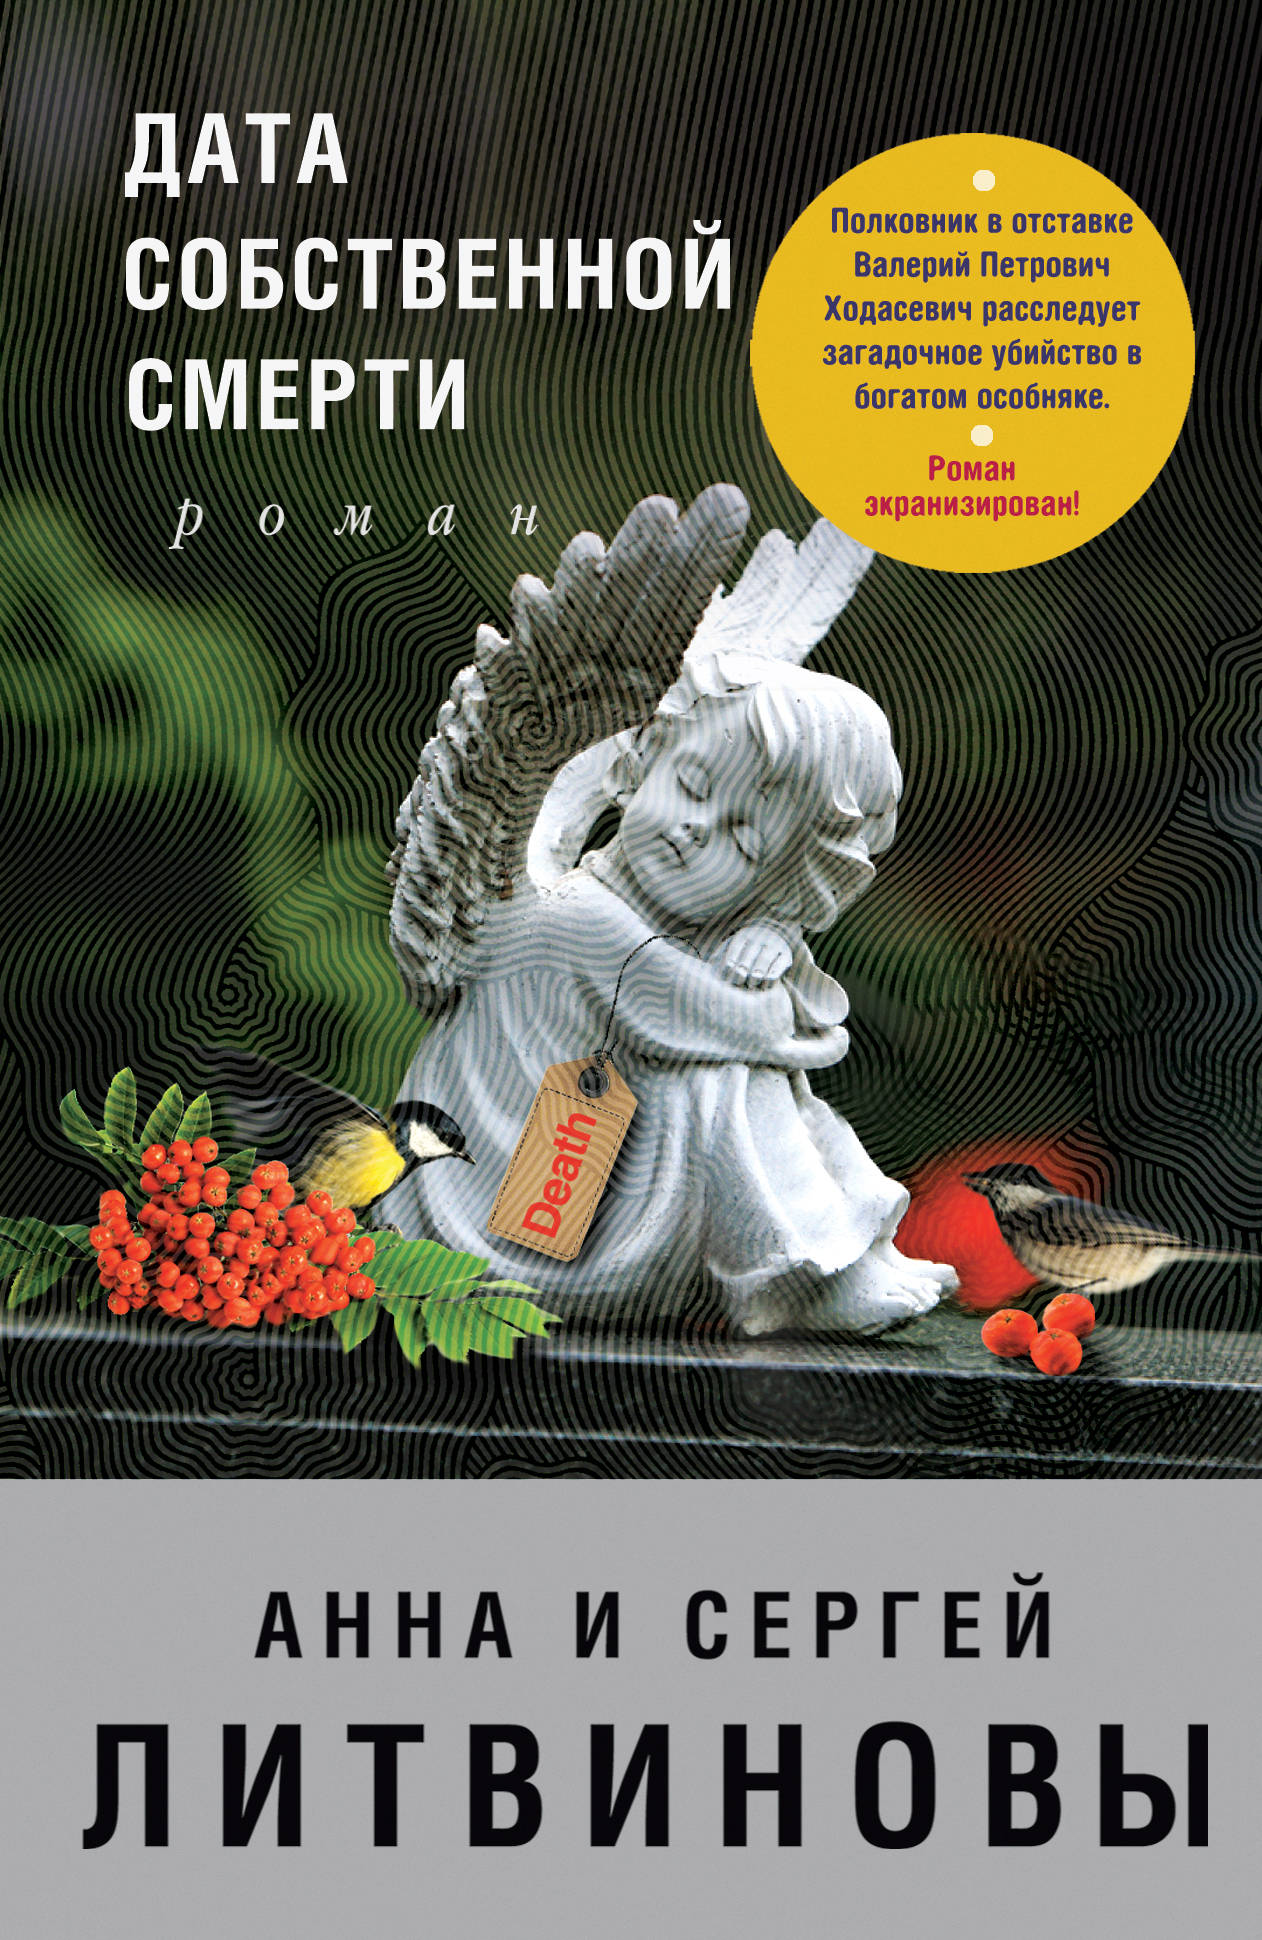 Анна и Сергей Литвиновы Дата собственной смерти